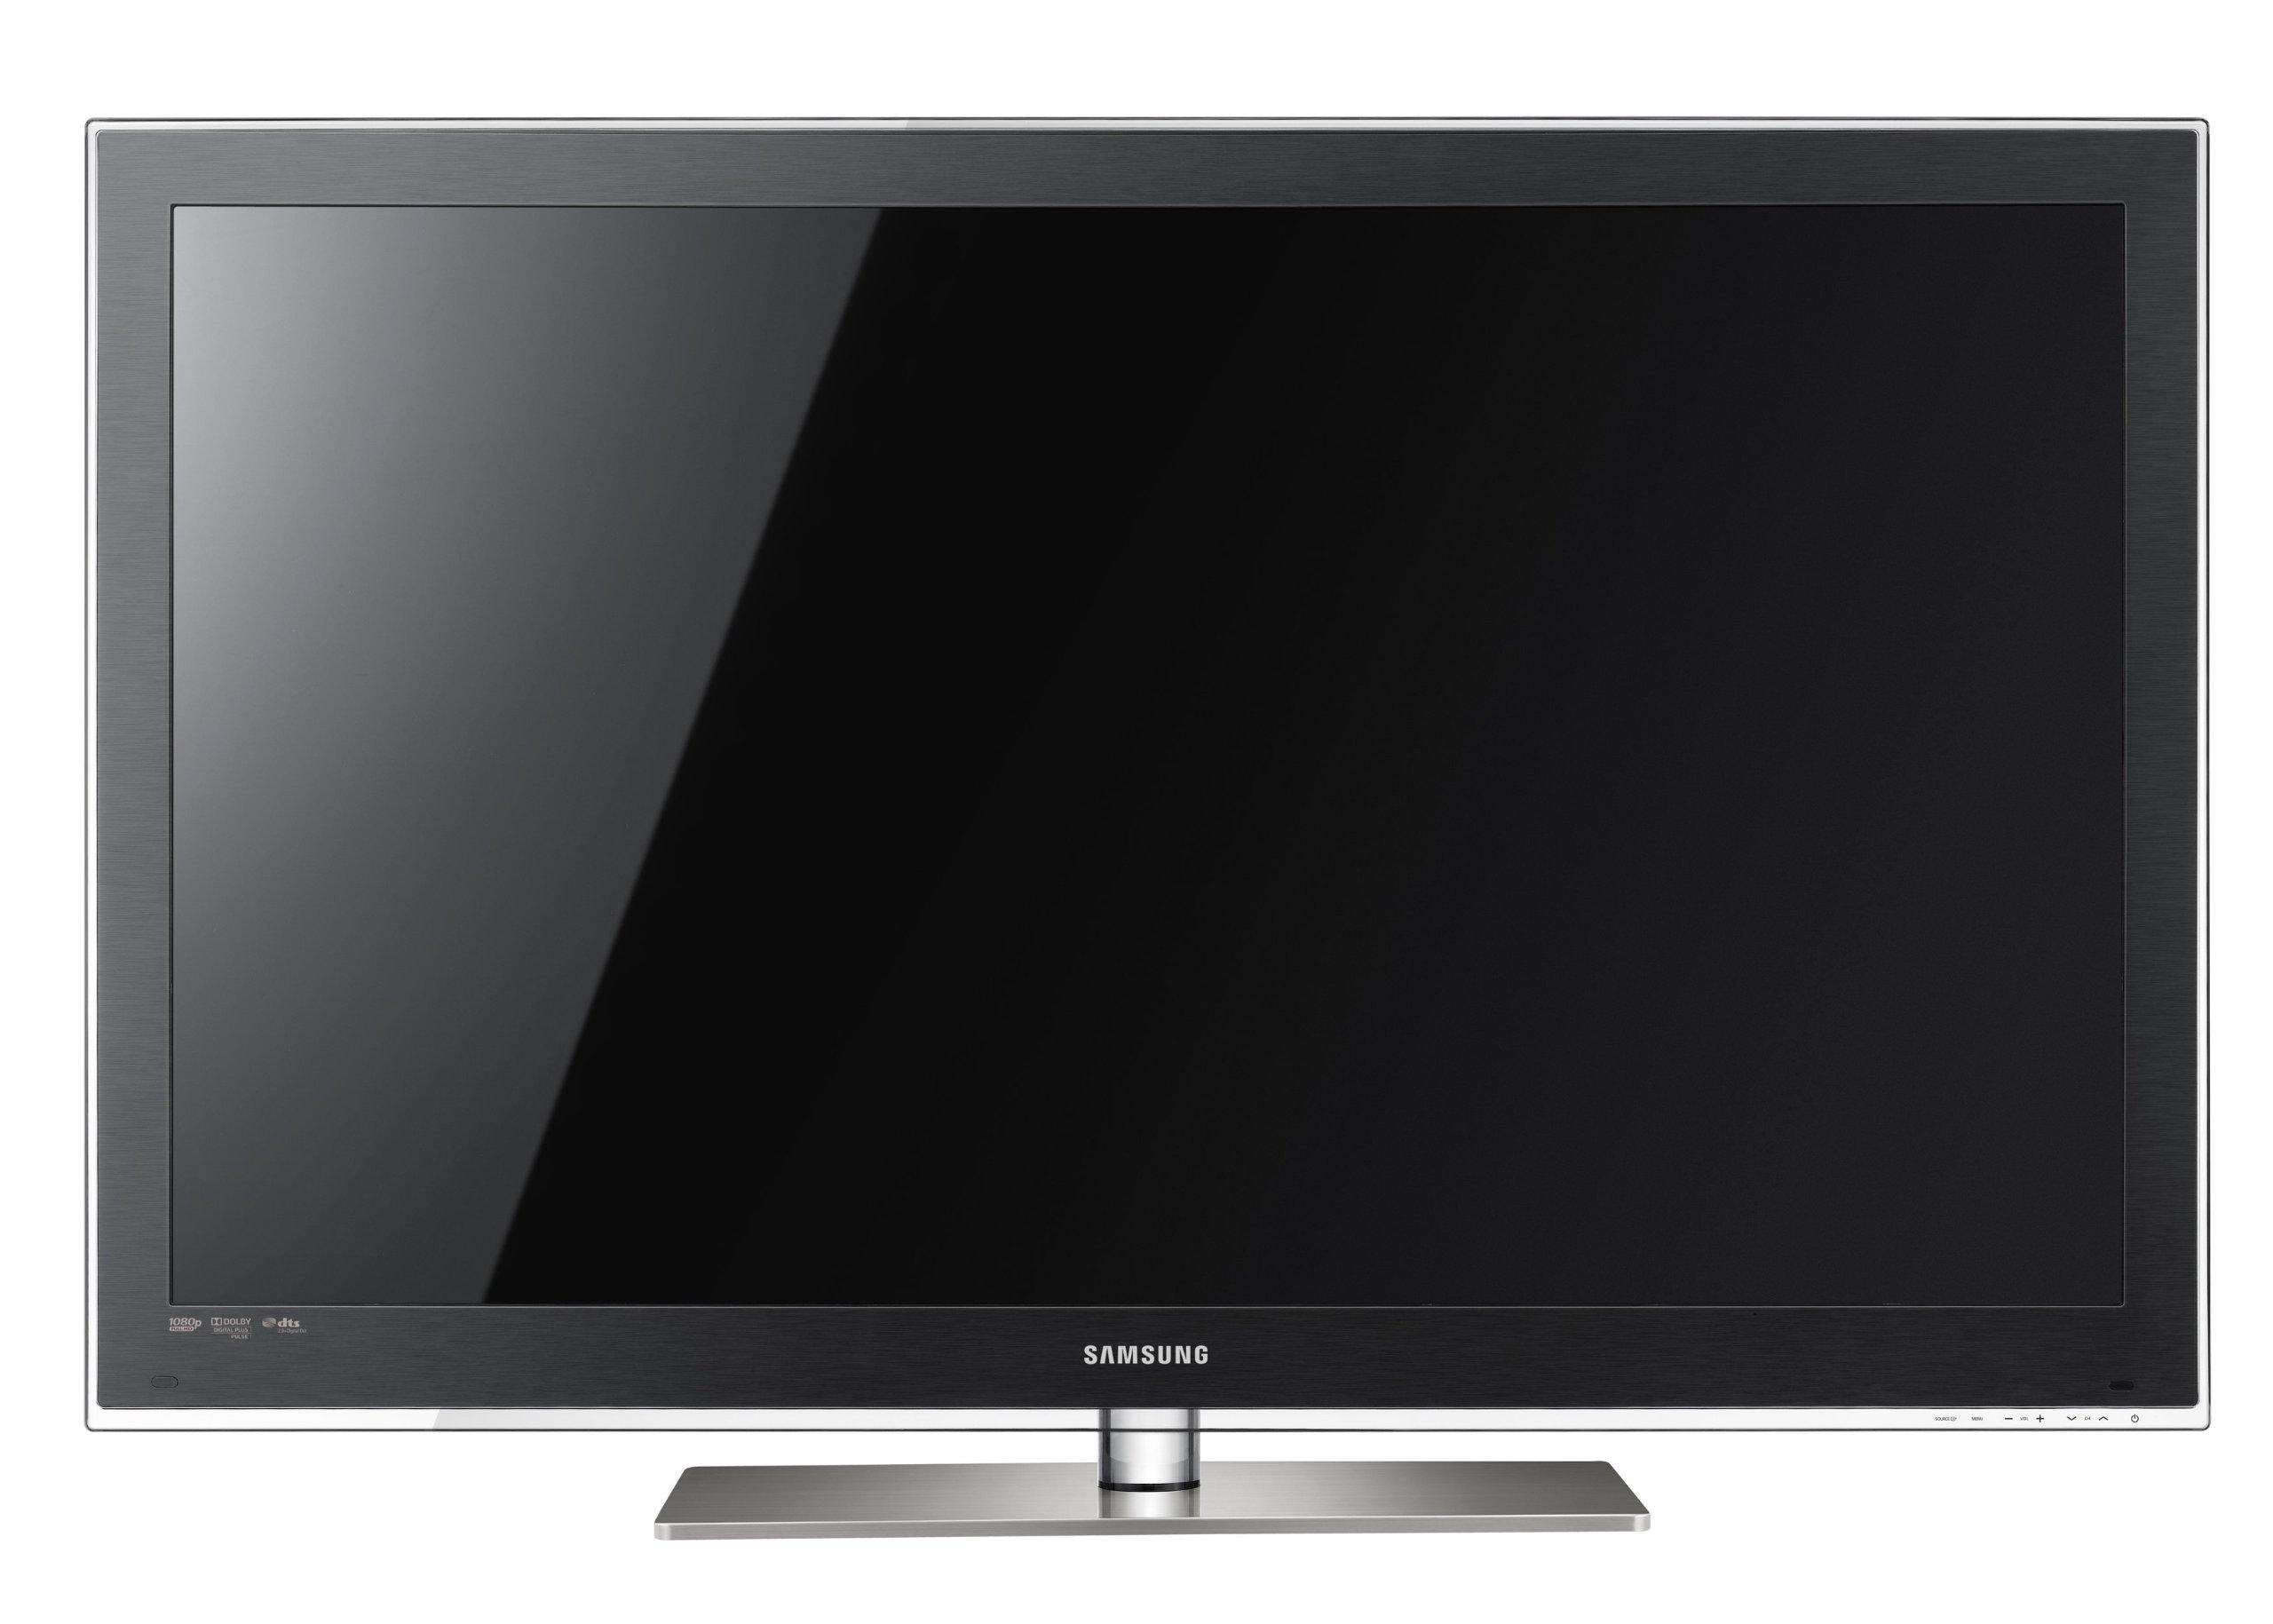 Samsung PS50C7000Y- Televisión Full HD, Pantalla Plasma 50 pulgadas: Amazon.es: Electrónica